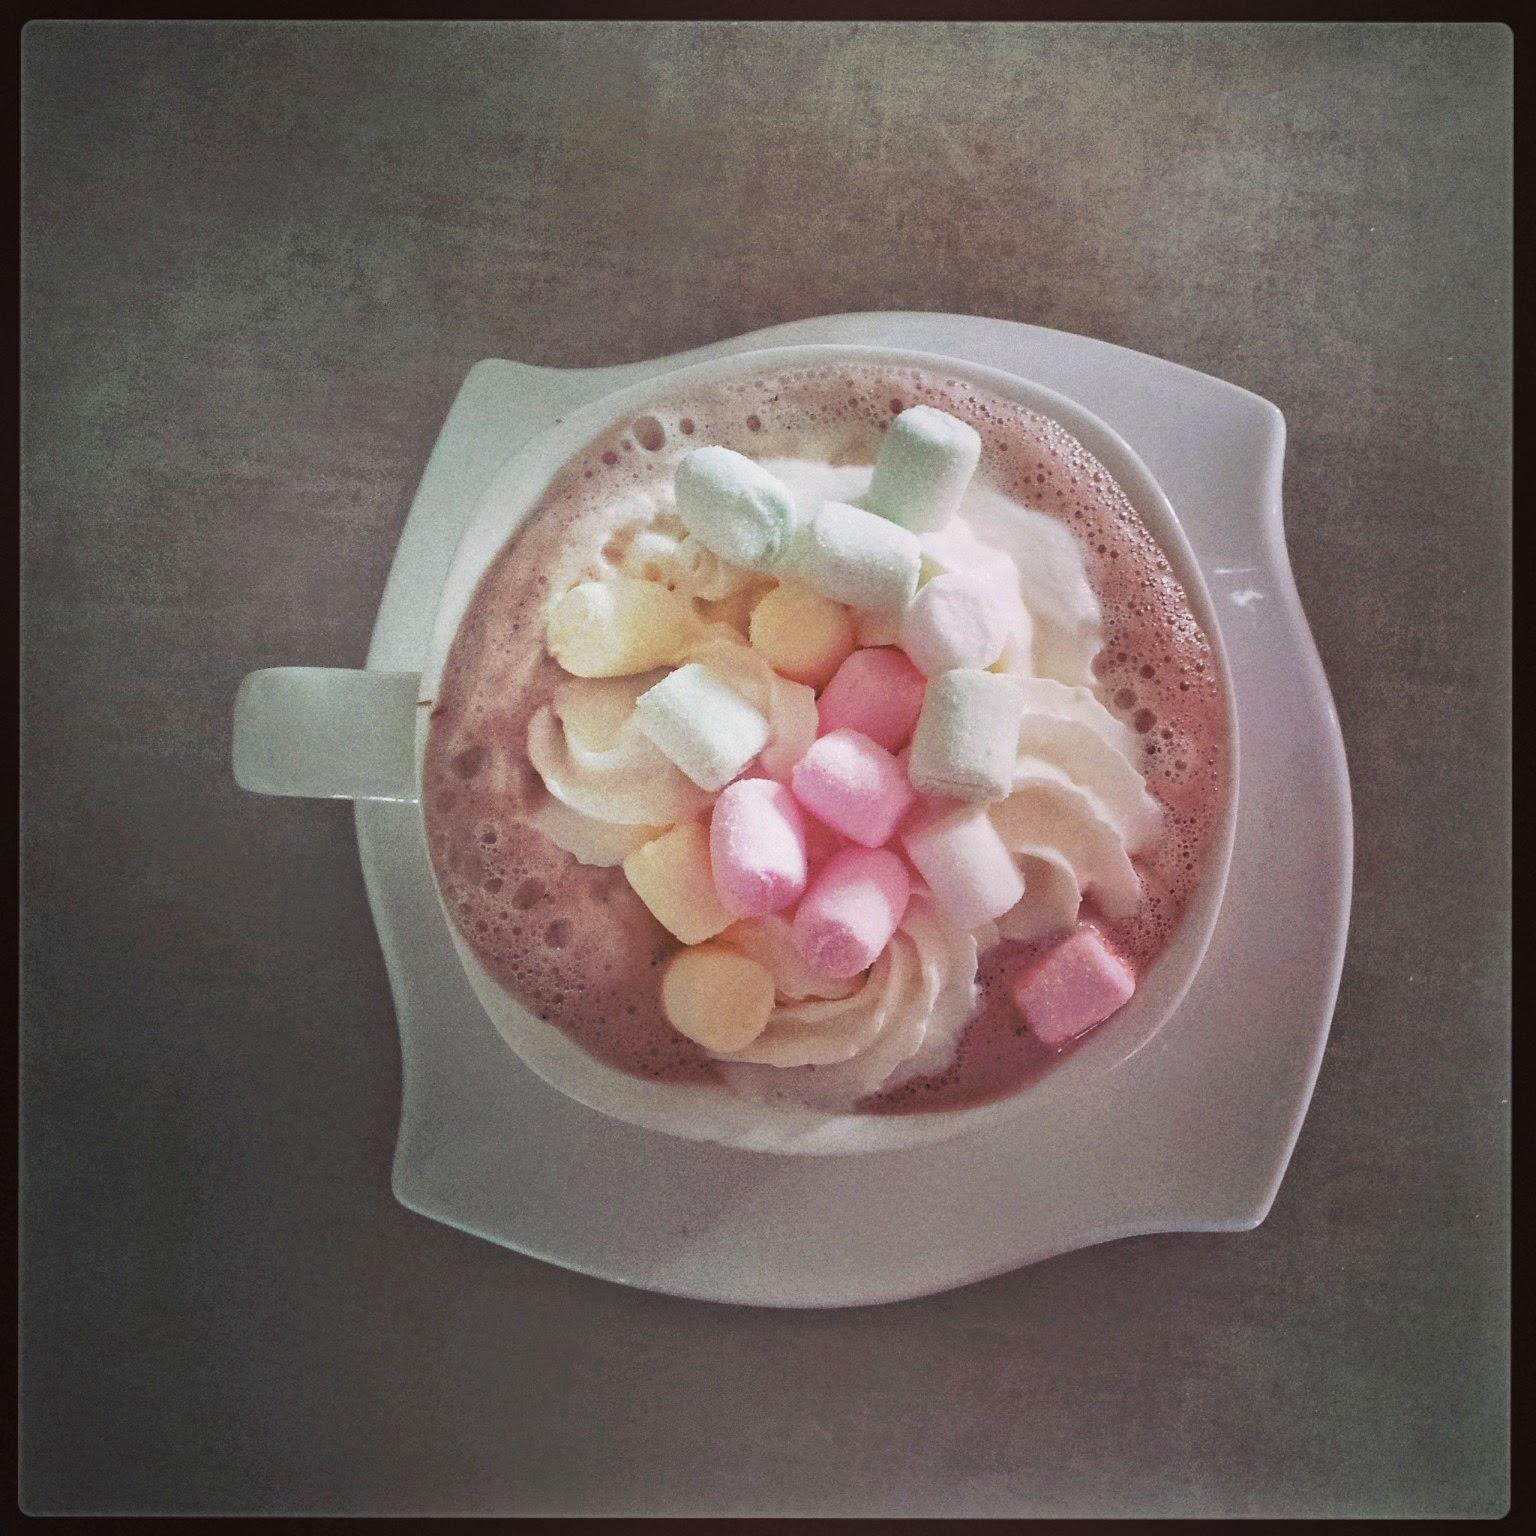 czekolada na gorąco,pianki marshmallow,czekolada na gorąco z bitą śmietaną